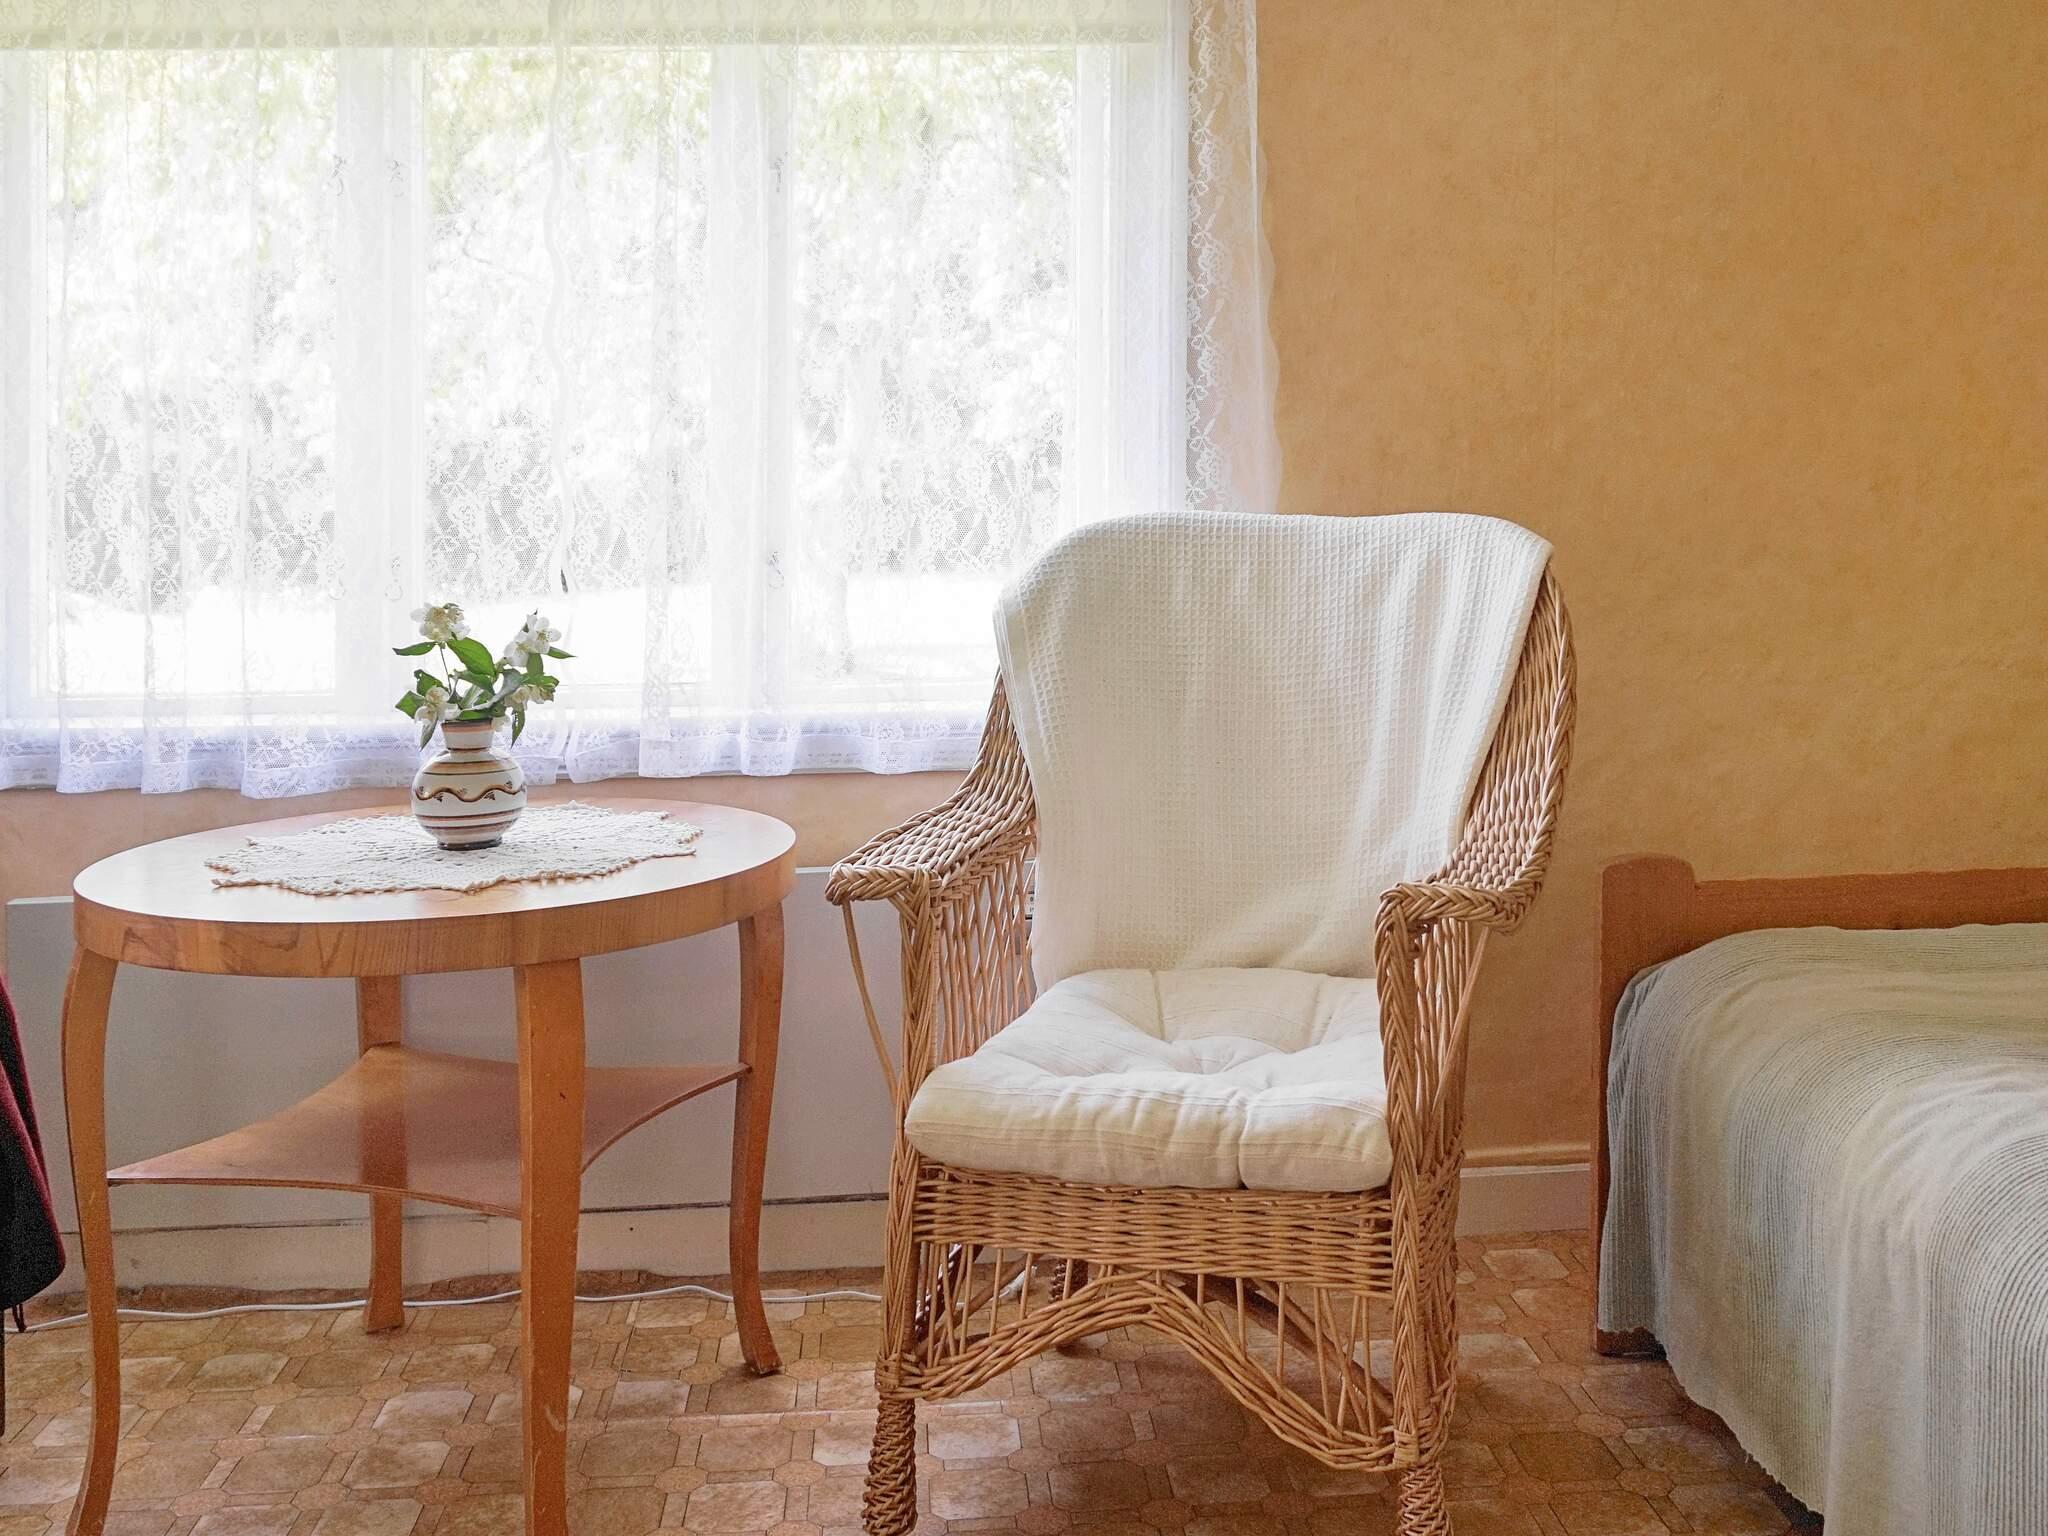 Ferienhaus Orust/Tegneby (2636850), Tegneby, Västra Götaland län, Westschweden, Schweden, Bild 14